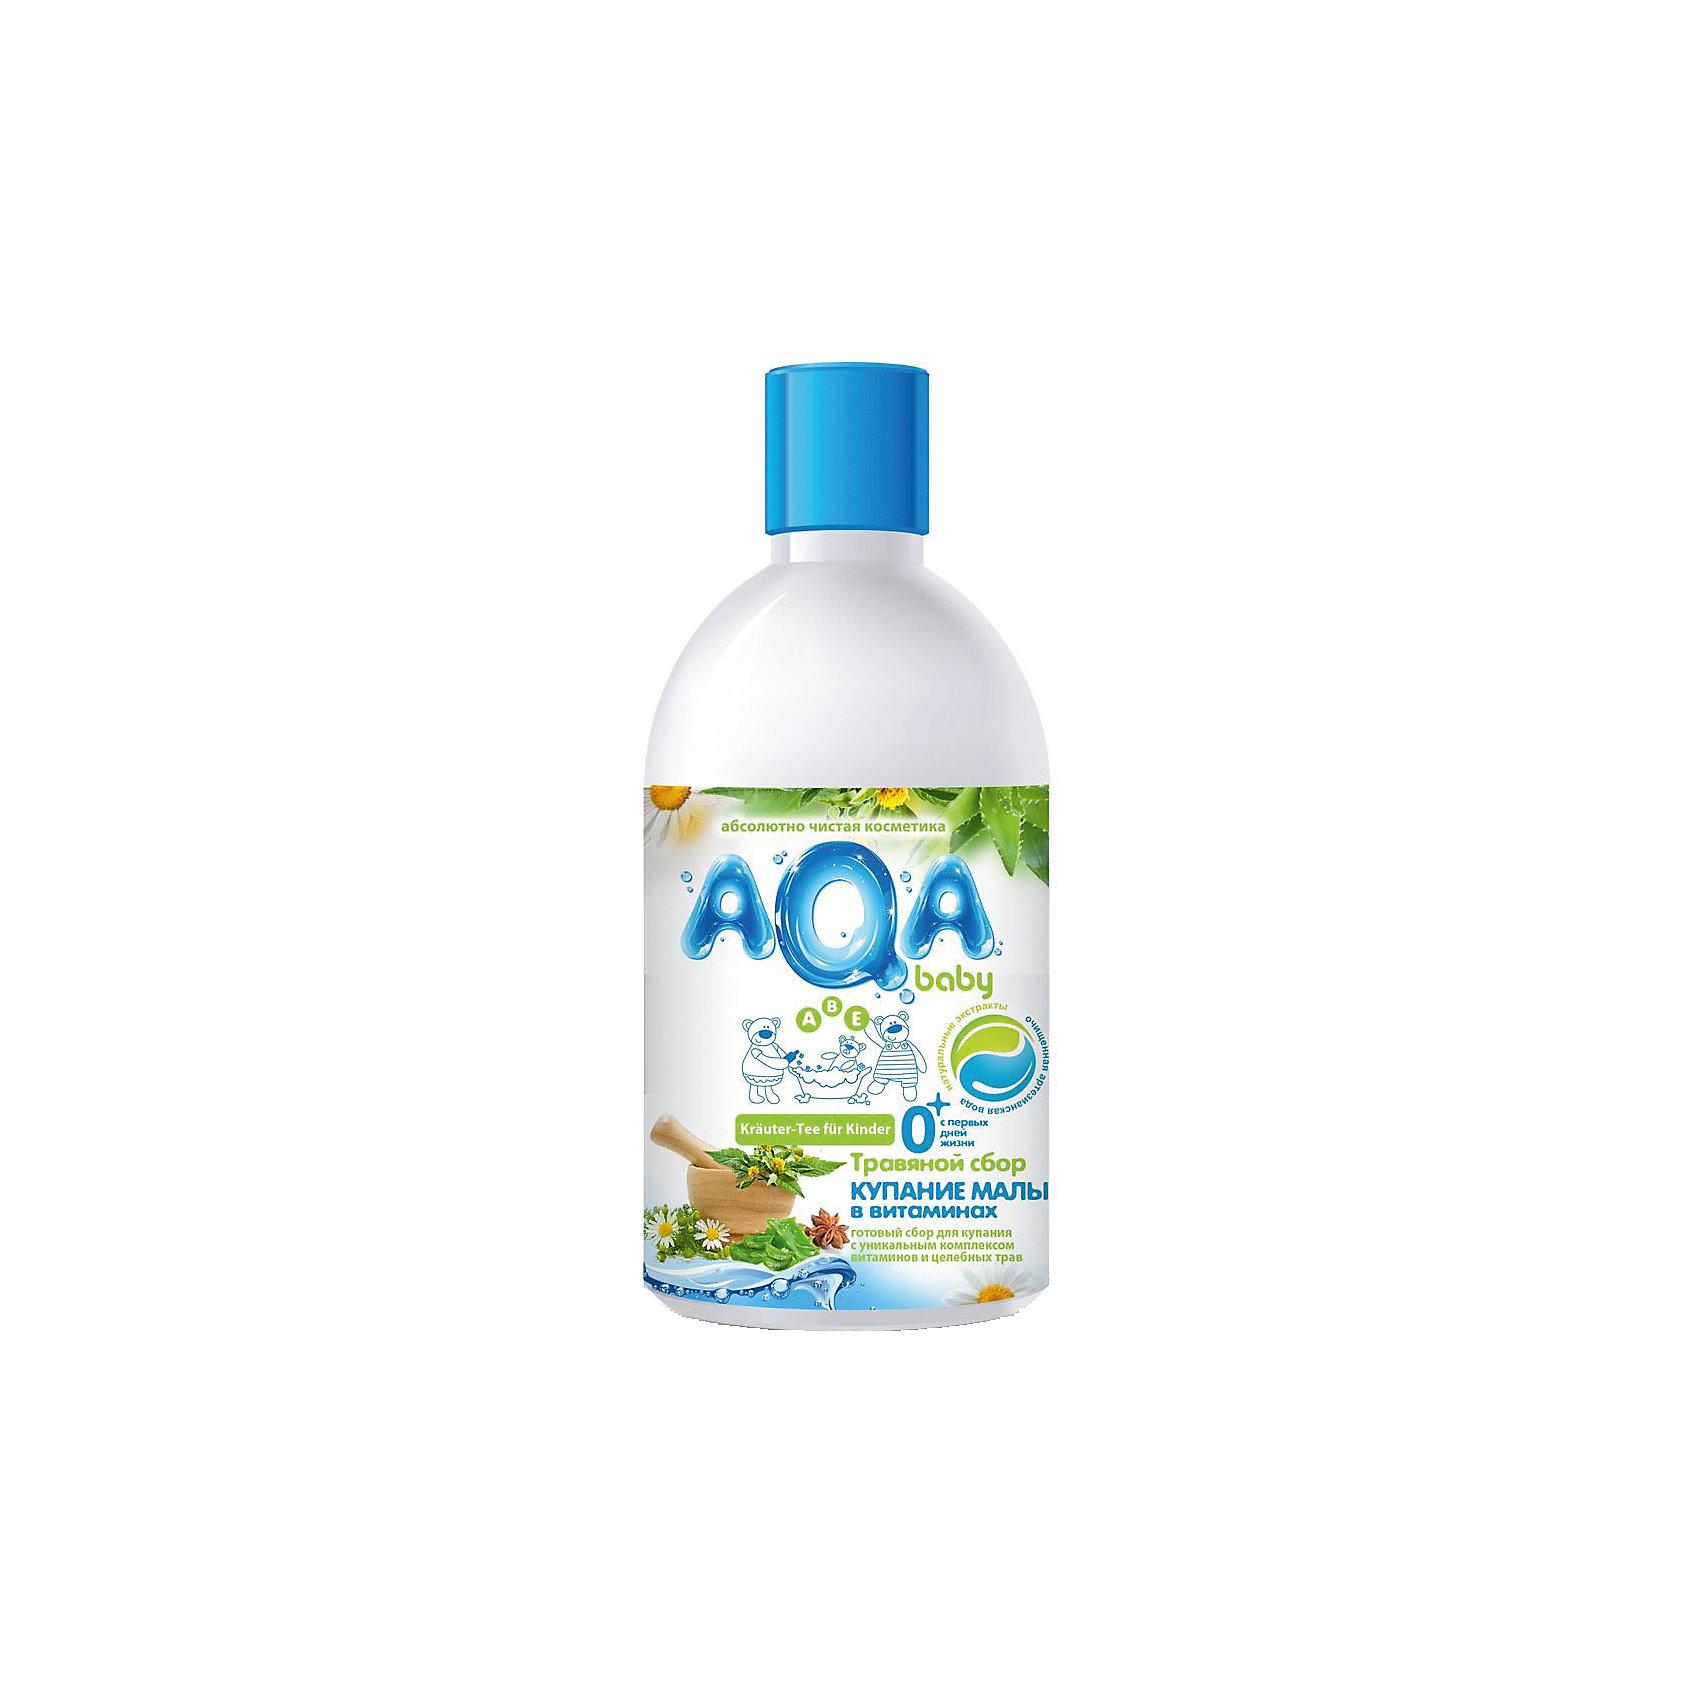 Травяной сбор для купания малышей Купание в витаминах, AQA baby, 300 млКосметика для купания<br>Готовый витаминно-травяной сбор для добавления в ванночку для купания.<br>Сохраняет до 95% активных компонентов благодаря инновационному методу экстрагирования, чего невозможно достичь при самостоятельном заваривании сухих трав<br>Поддерживает иммунитет детской кожи<br>С комплексом витаминов А, Е, В5 и целебными травами череды и липы<br>С эфирными маслами ромашки аптечной и аниса<br>Экономичен: одного флакона хватает на 15 процедур!<br>Объем: 300 мл<br><br>Ширина мм: 165<br>Глубина мм: 500<br>Высота мм: 61<br>Вес г: 160<br>Возраст от месяцев: 0<br>Возраст до месяцев: 36<br>Пол: Унисекс<br>Возраст: Детский<br>SKU: 4729817